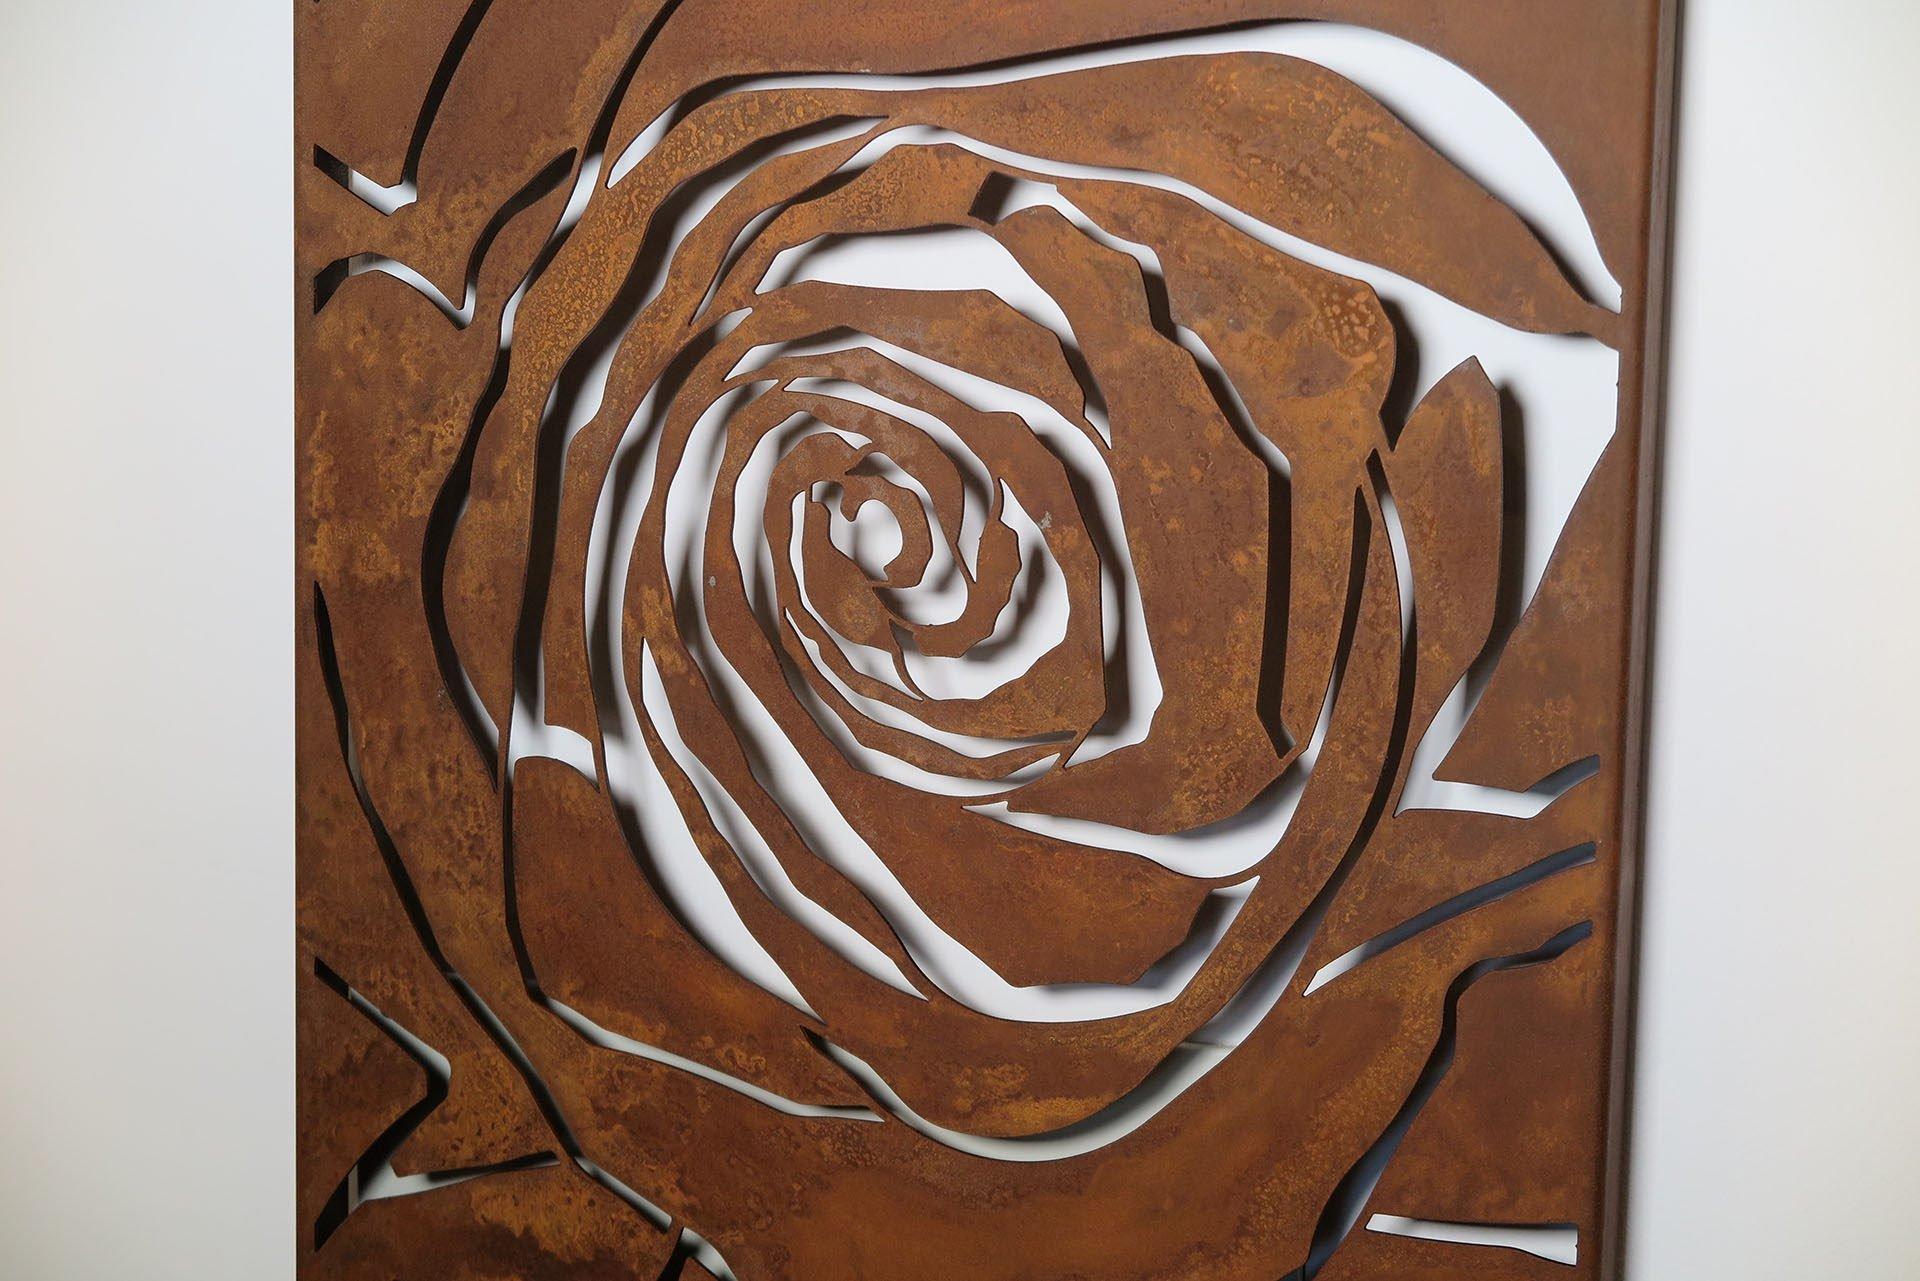 Aquesta imatge té l'atribut alt buit; el seu nom és Rosa-corten-04-.jpg